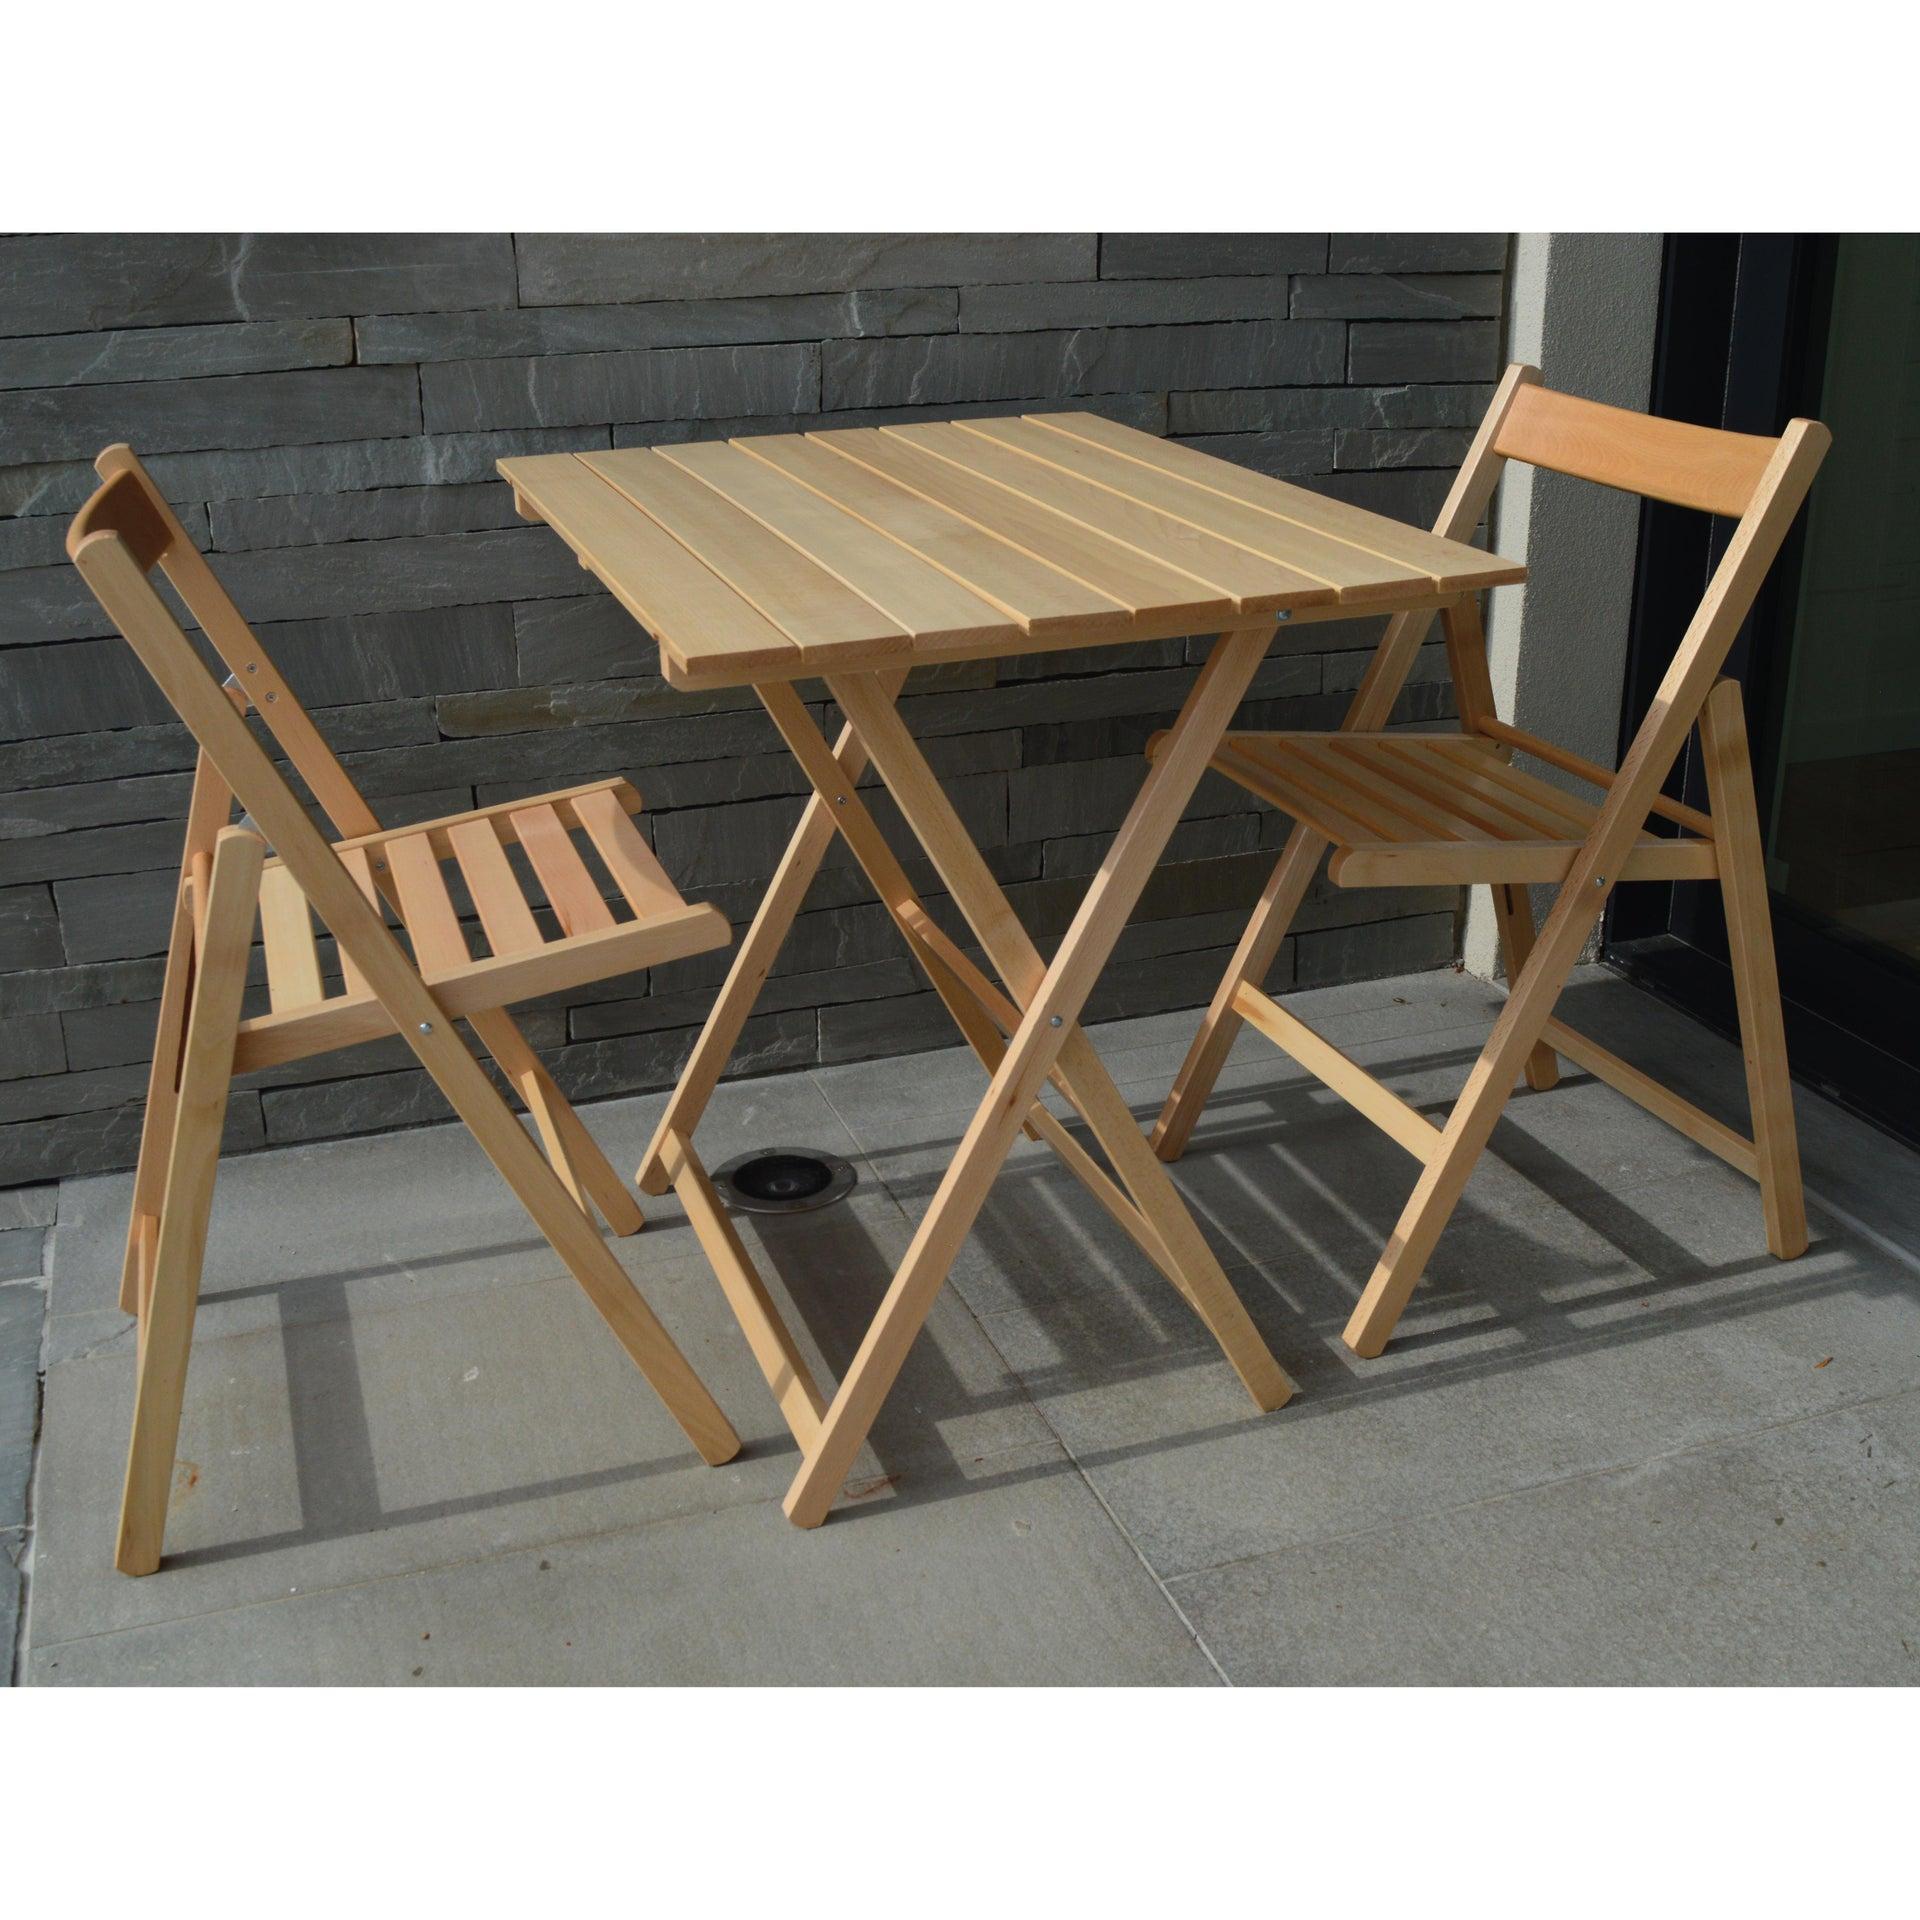 Tavolo da giardino rettangolare pieghevole con piano in legno L 60 x P 80 cm - 2